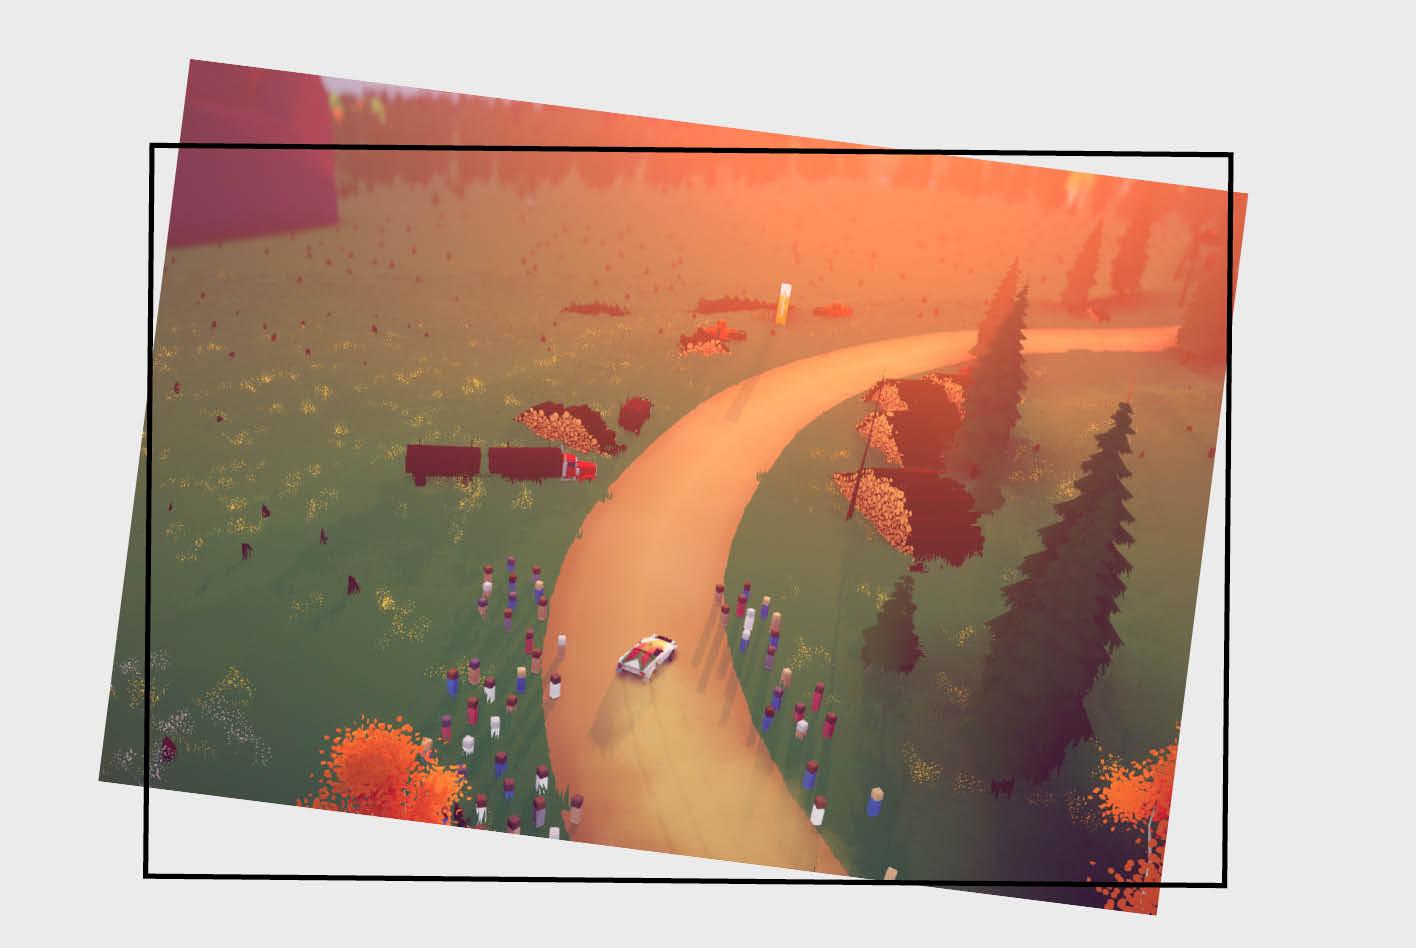 Mit dem Racing-Game art of rally können Rallye-Begeisterte in die virtuelle Welt des Rallye-Sports eintauchen.